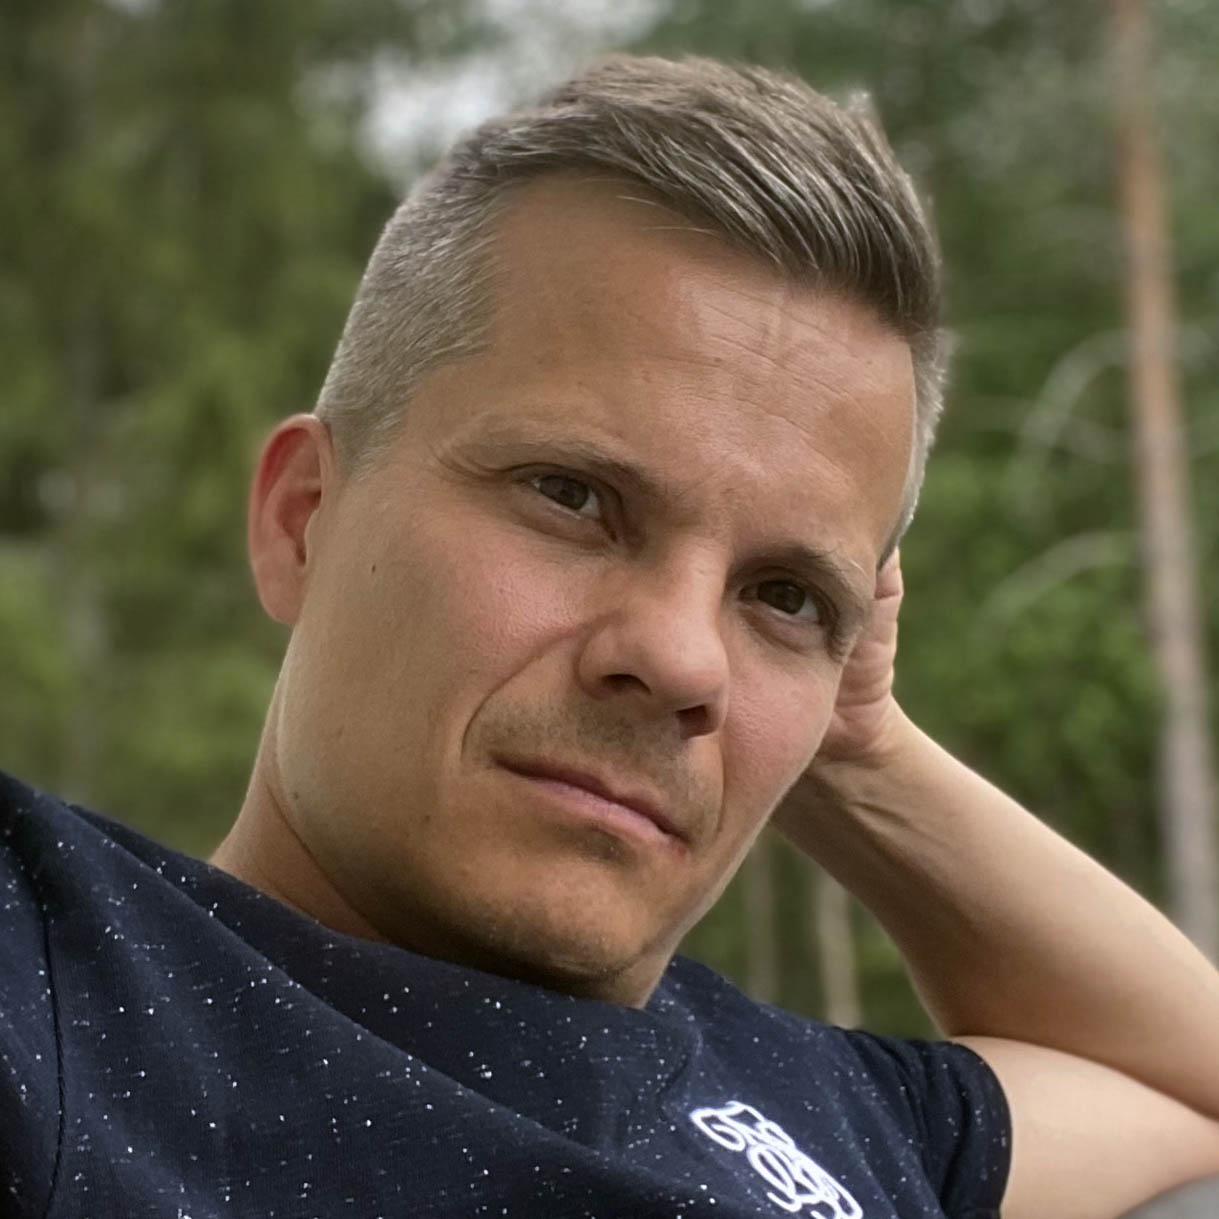 Risto Hintsala